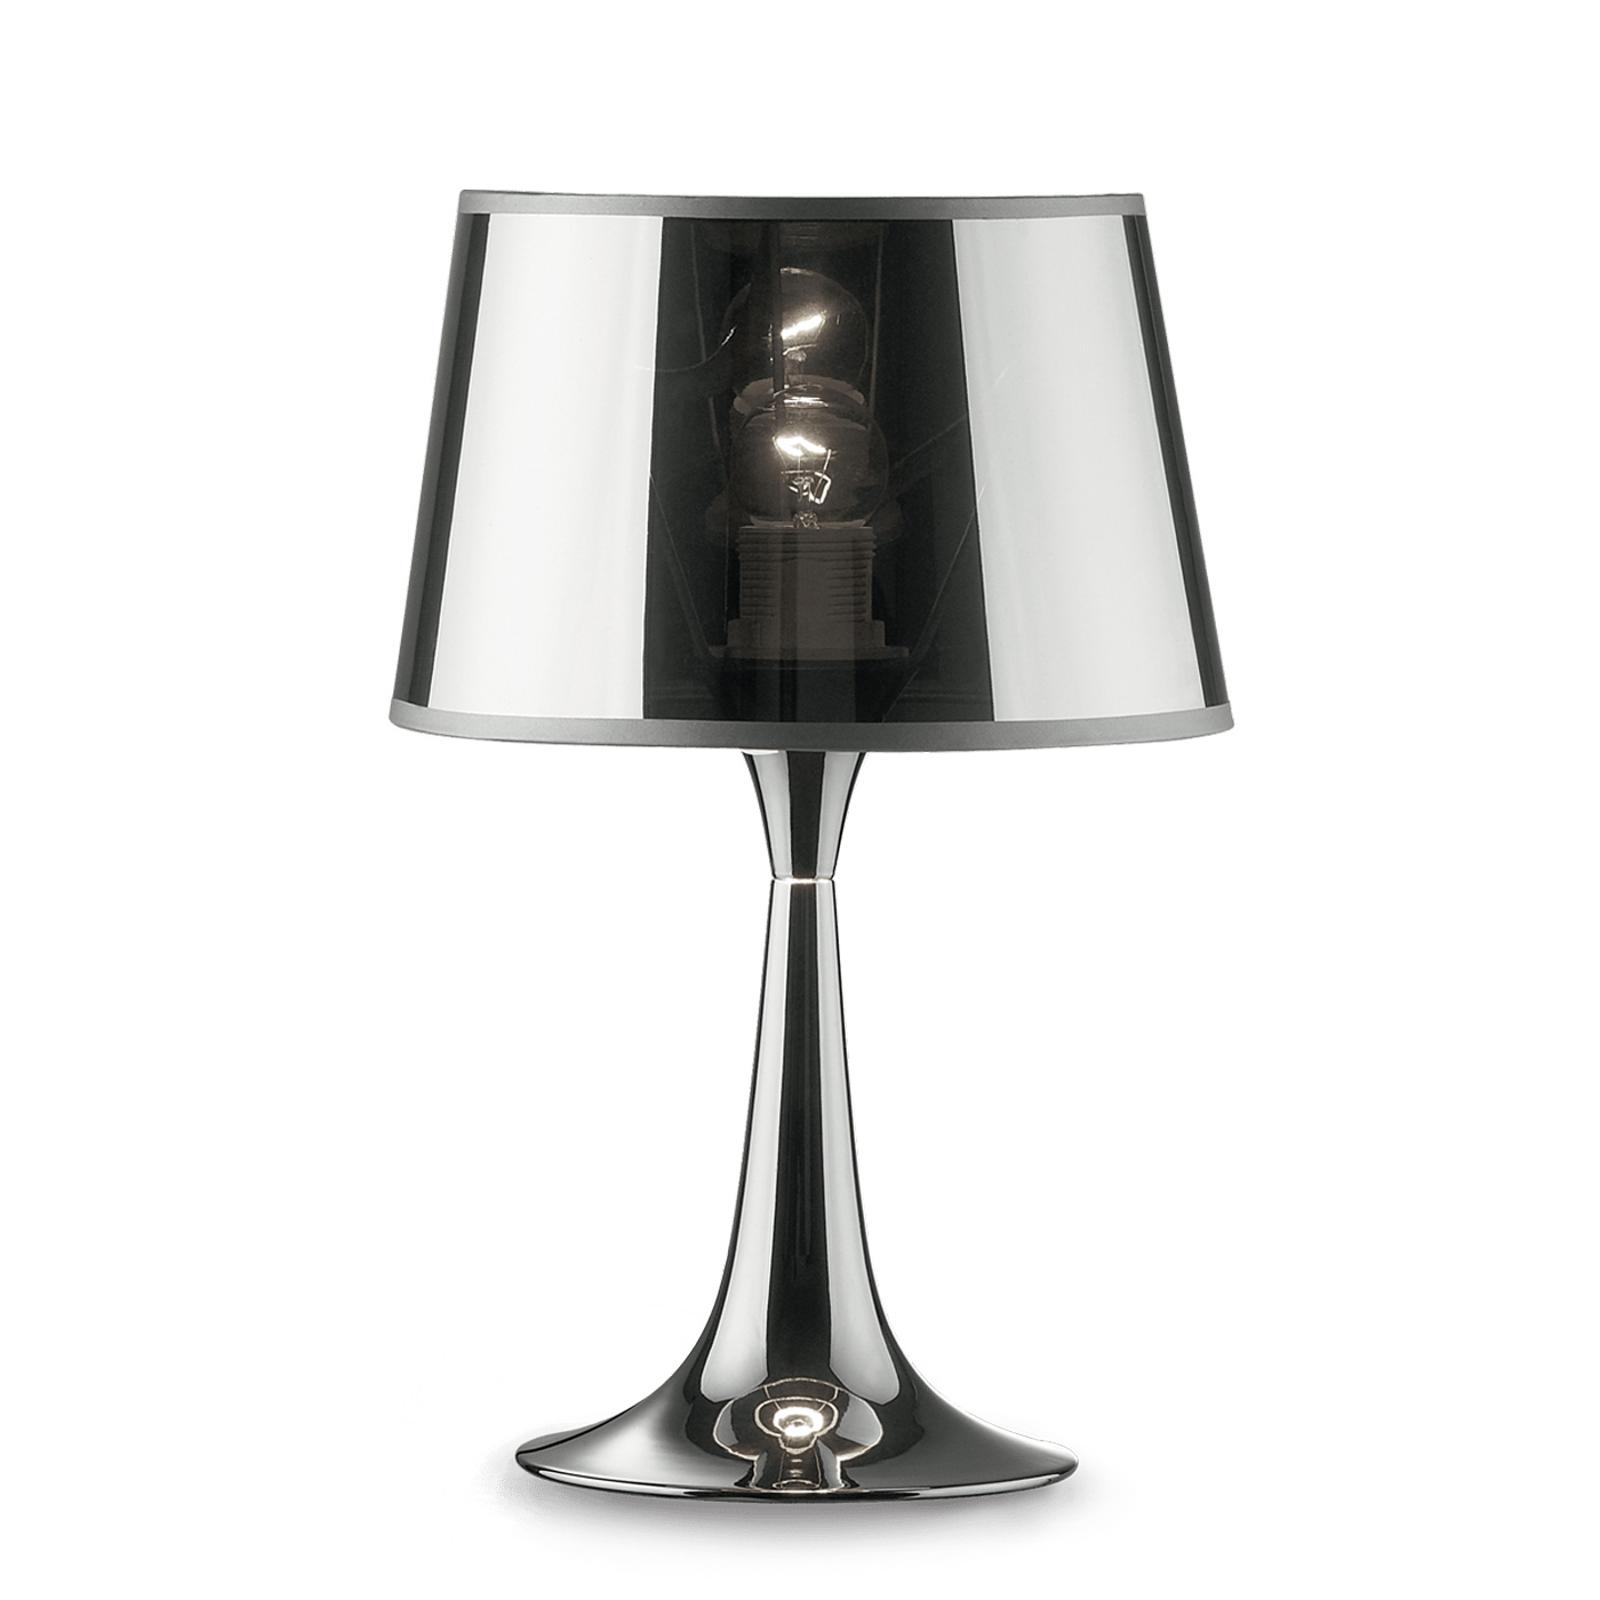 Stolní lampa London Cromo výška 36,5 cm